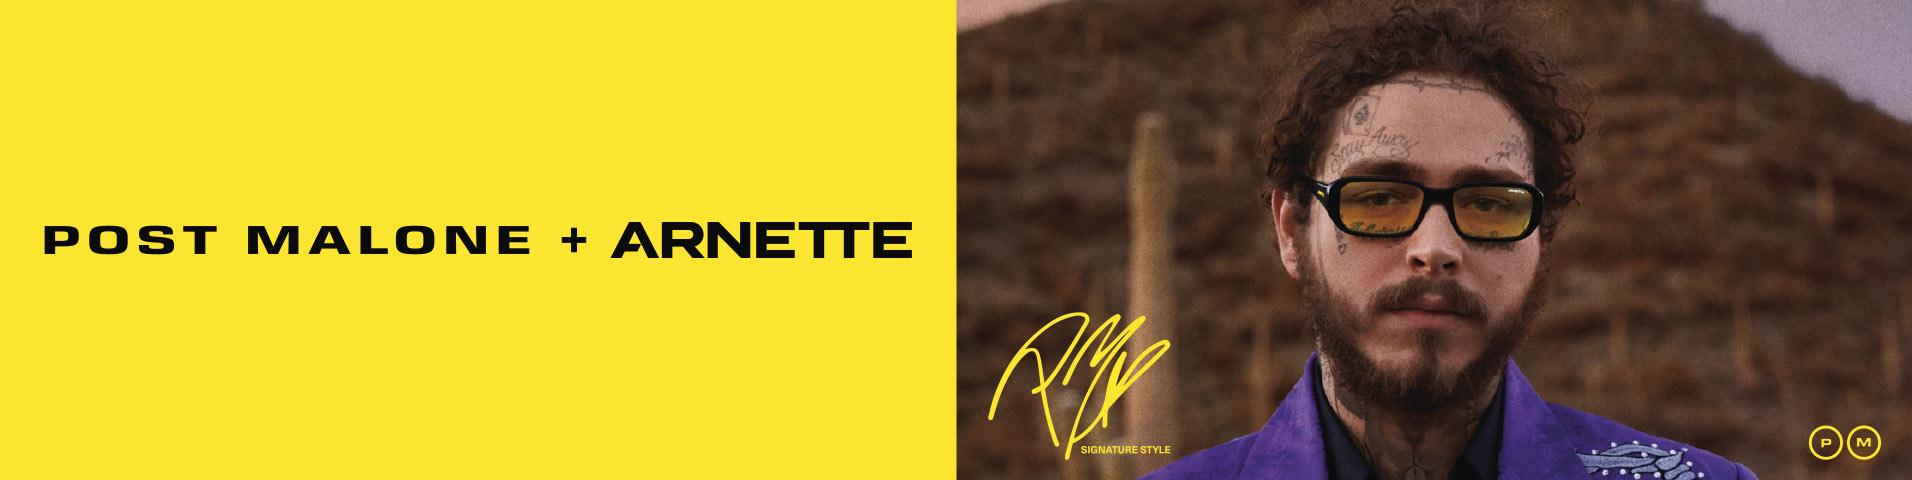 Arnette | La nuova collezione online su Zalando